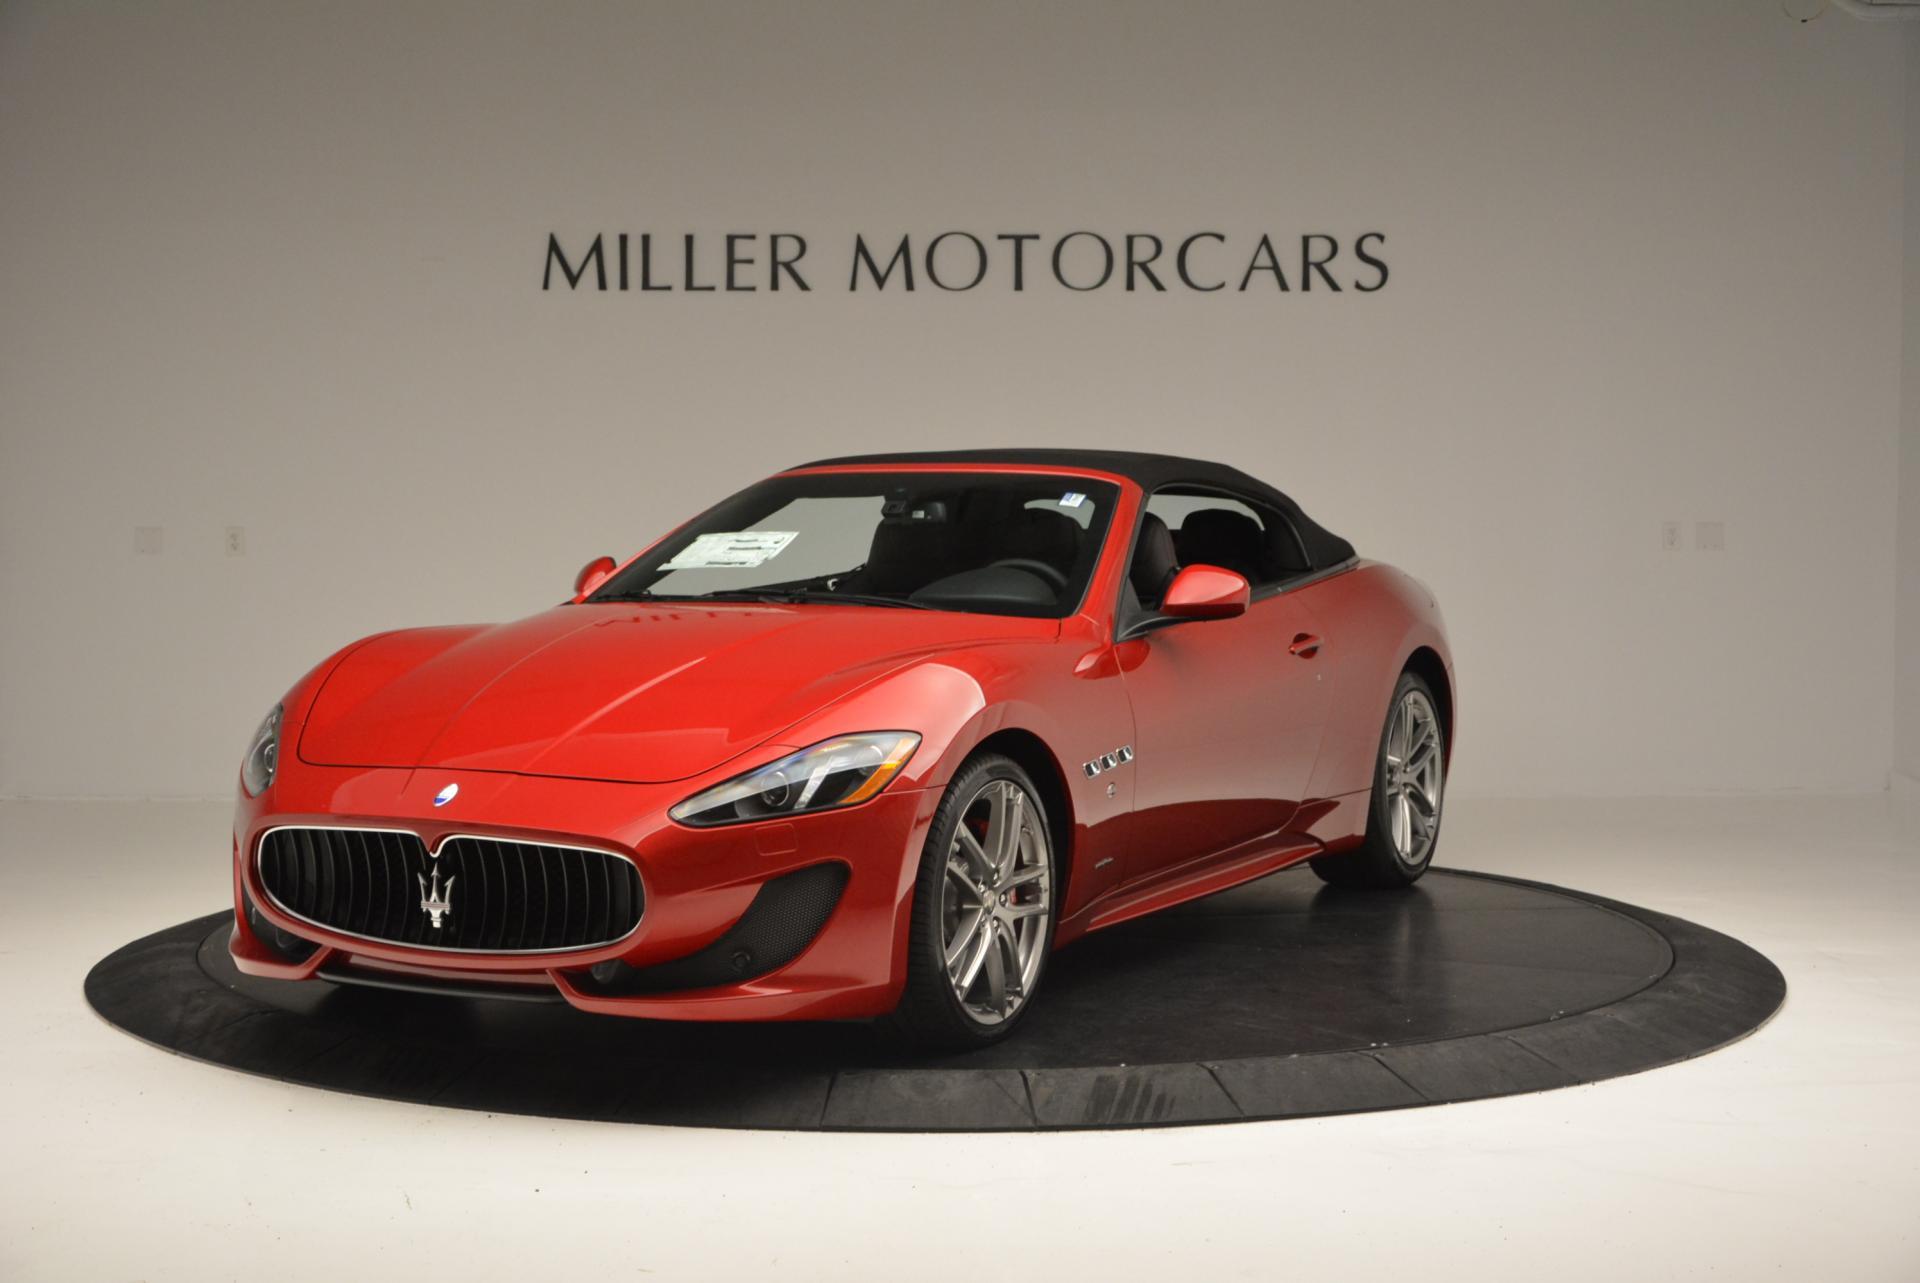 New 2017 Maserati GranTurismo Cab Sport For Sale In Westport, CT 152_p13